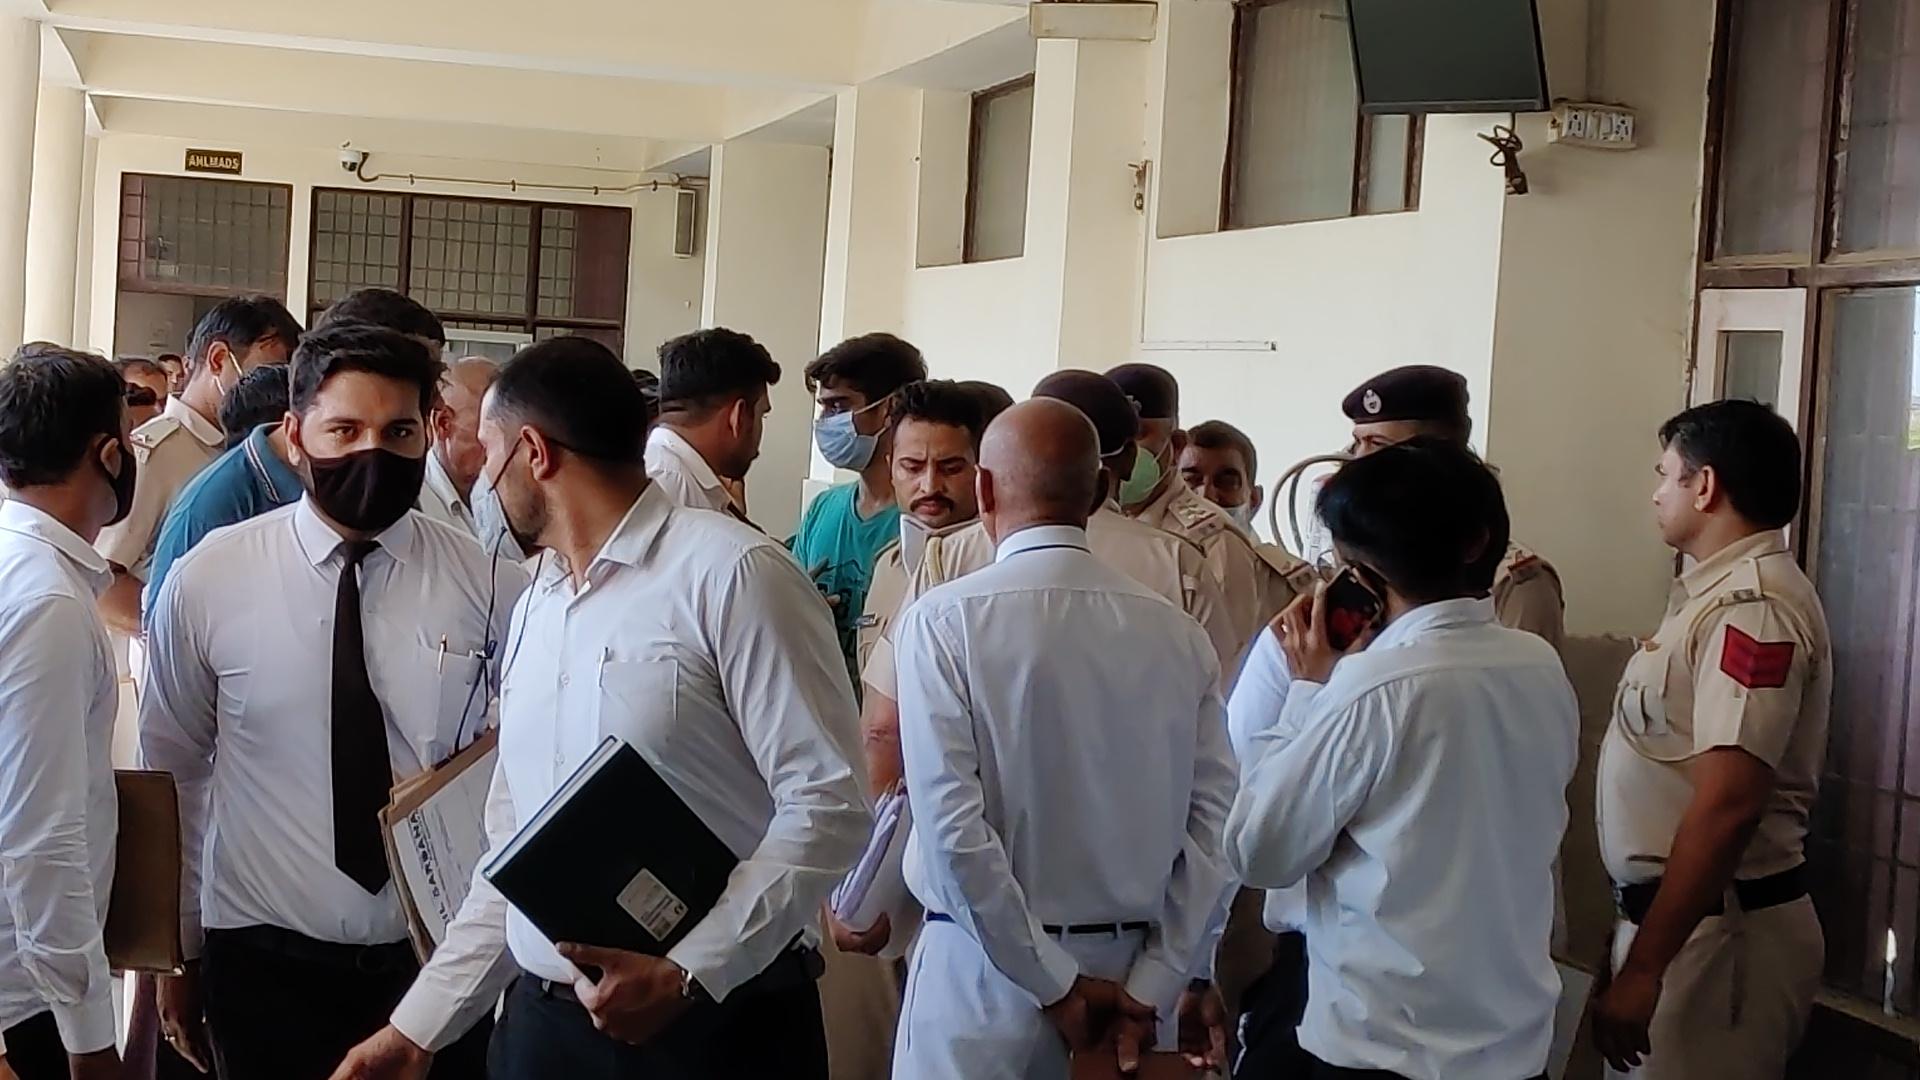 कोर्ट परिसर में 6 सितंबर को वकील और अभिषेक की मुलाकात का फाइल फोटो